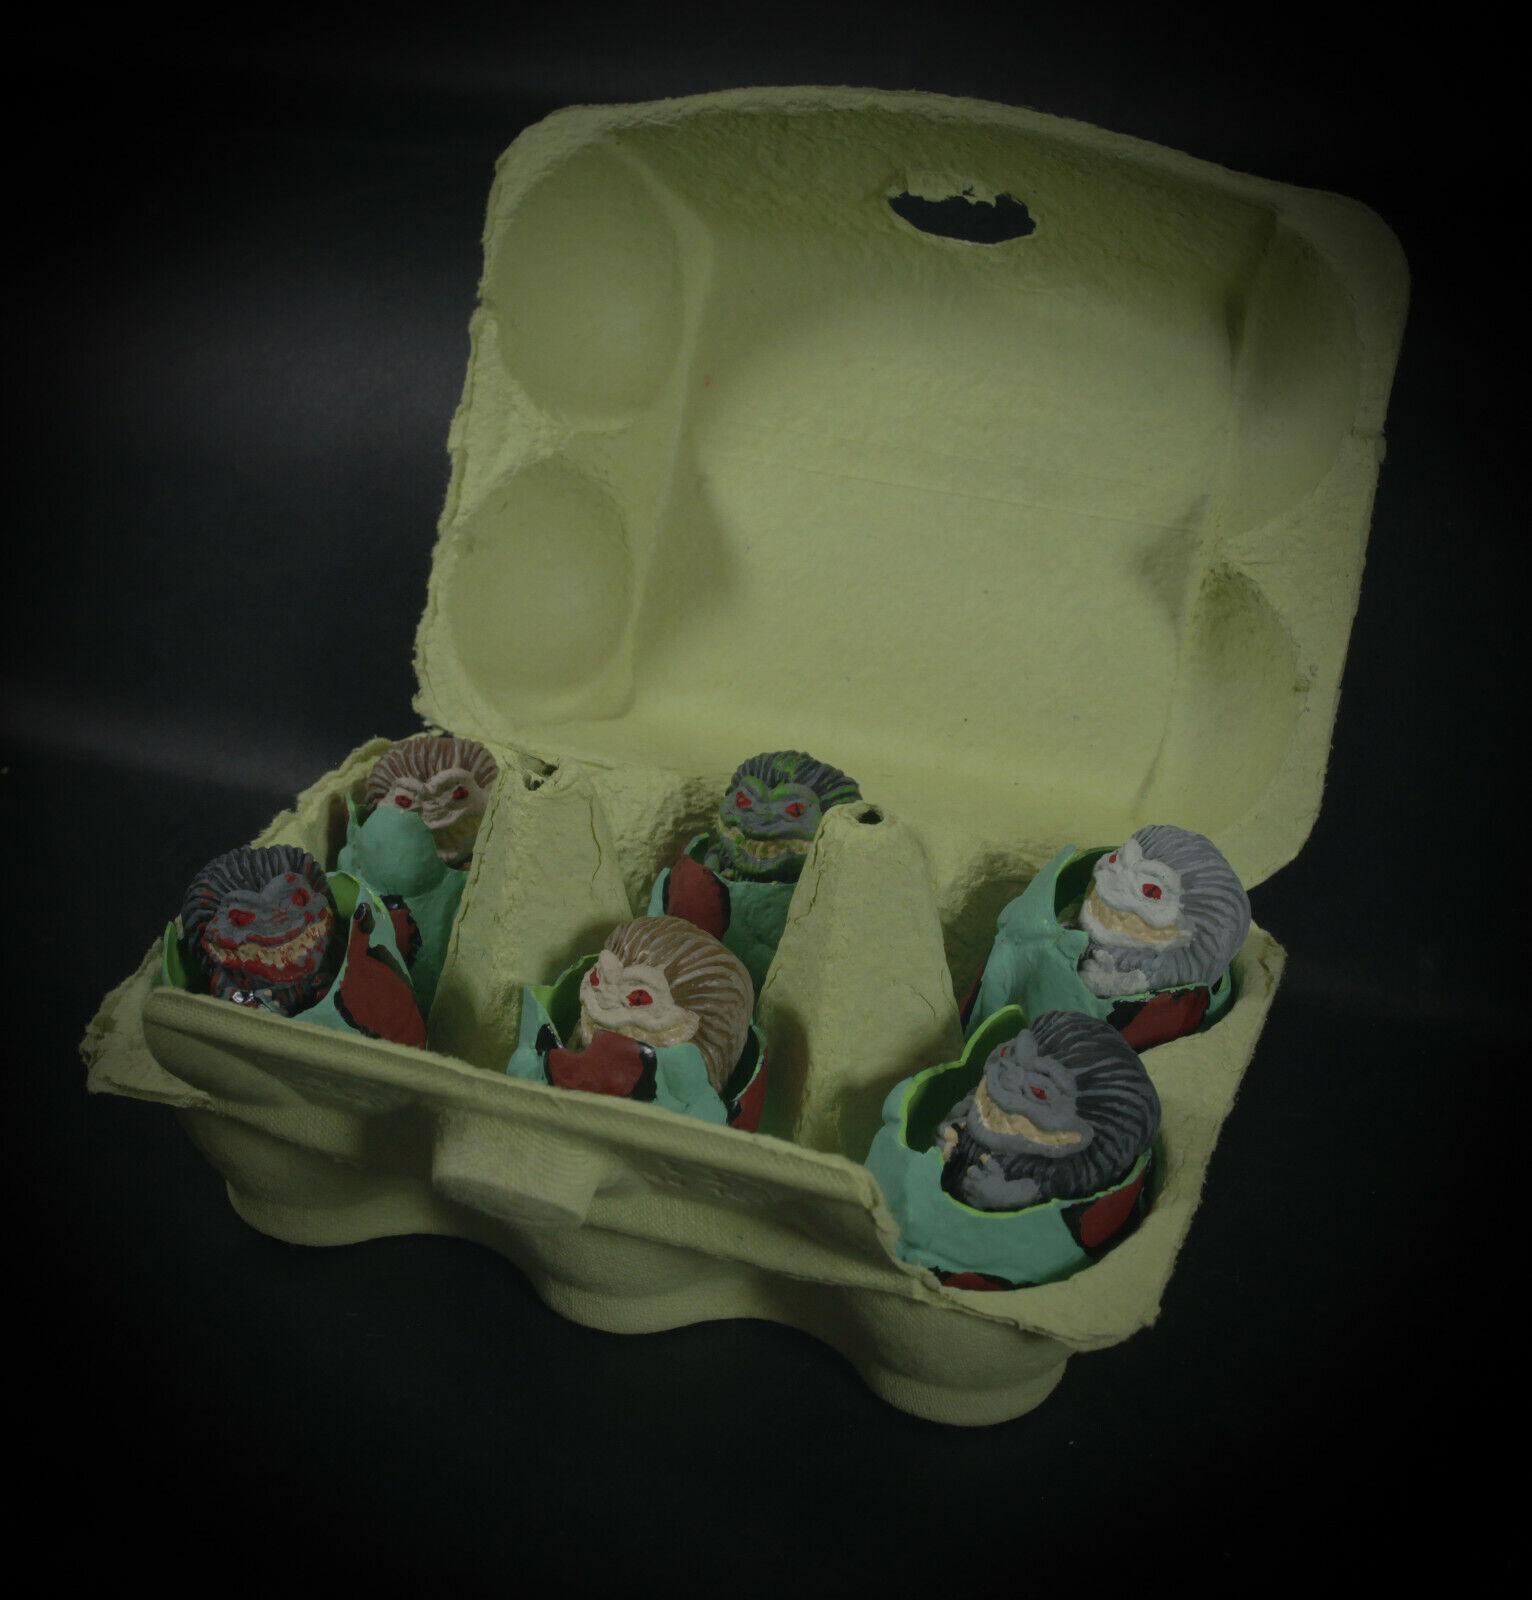 Critters Mini Figura 1,5  horror 80' movie eggs box